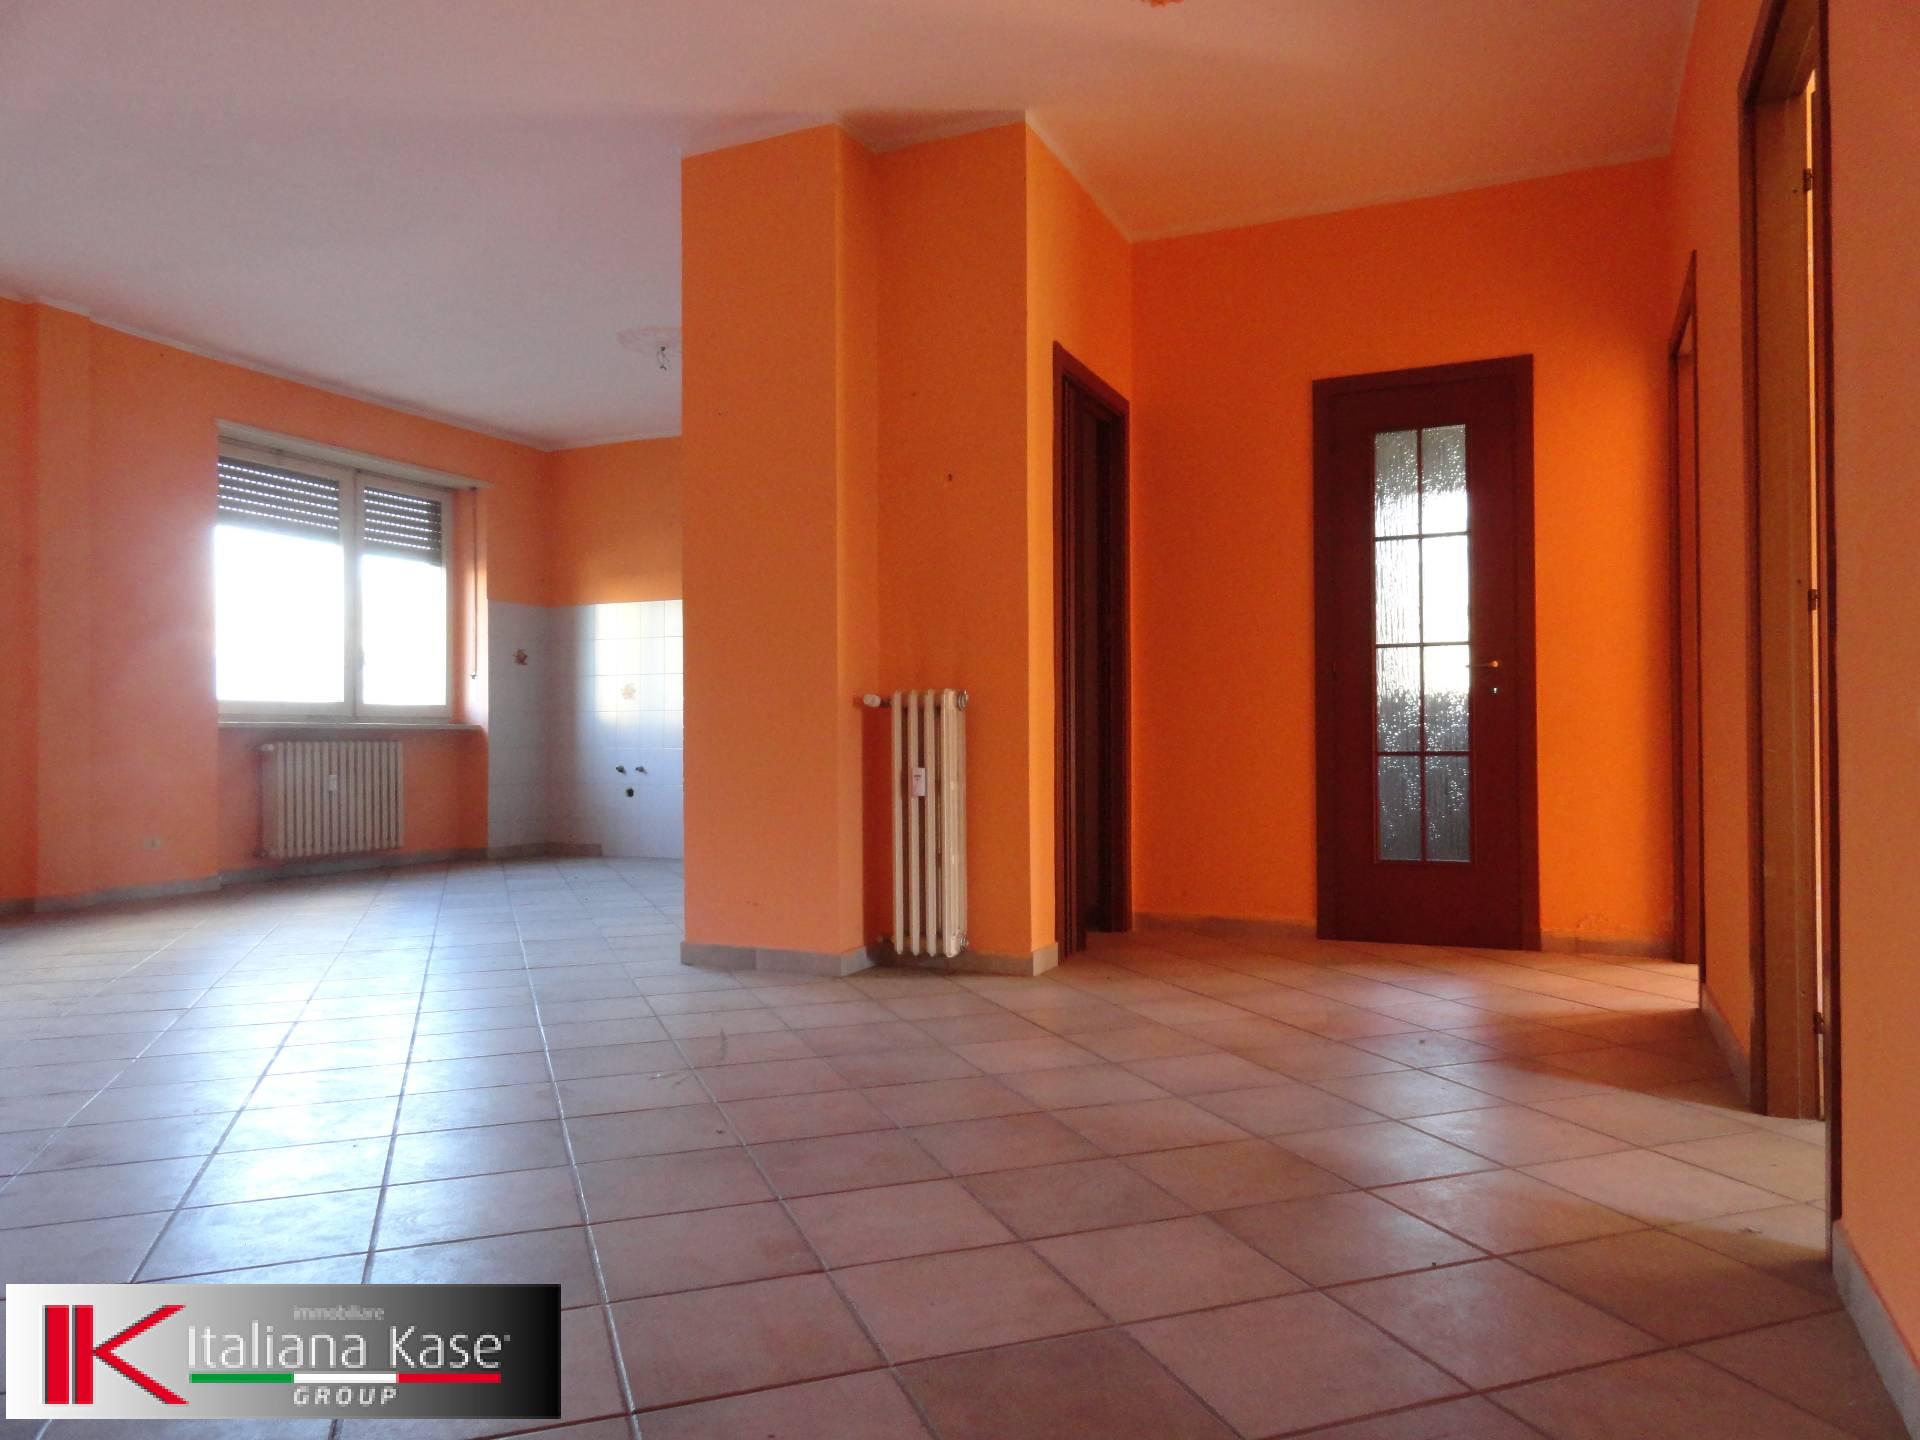 Appartamento in vendita a Caluso, 3 locali, zona Località: Caluso, prezzo € 29.000 | PortaleAgenzieImmobiliari.it